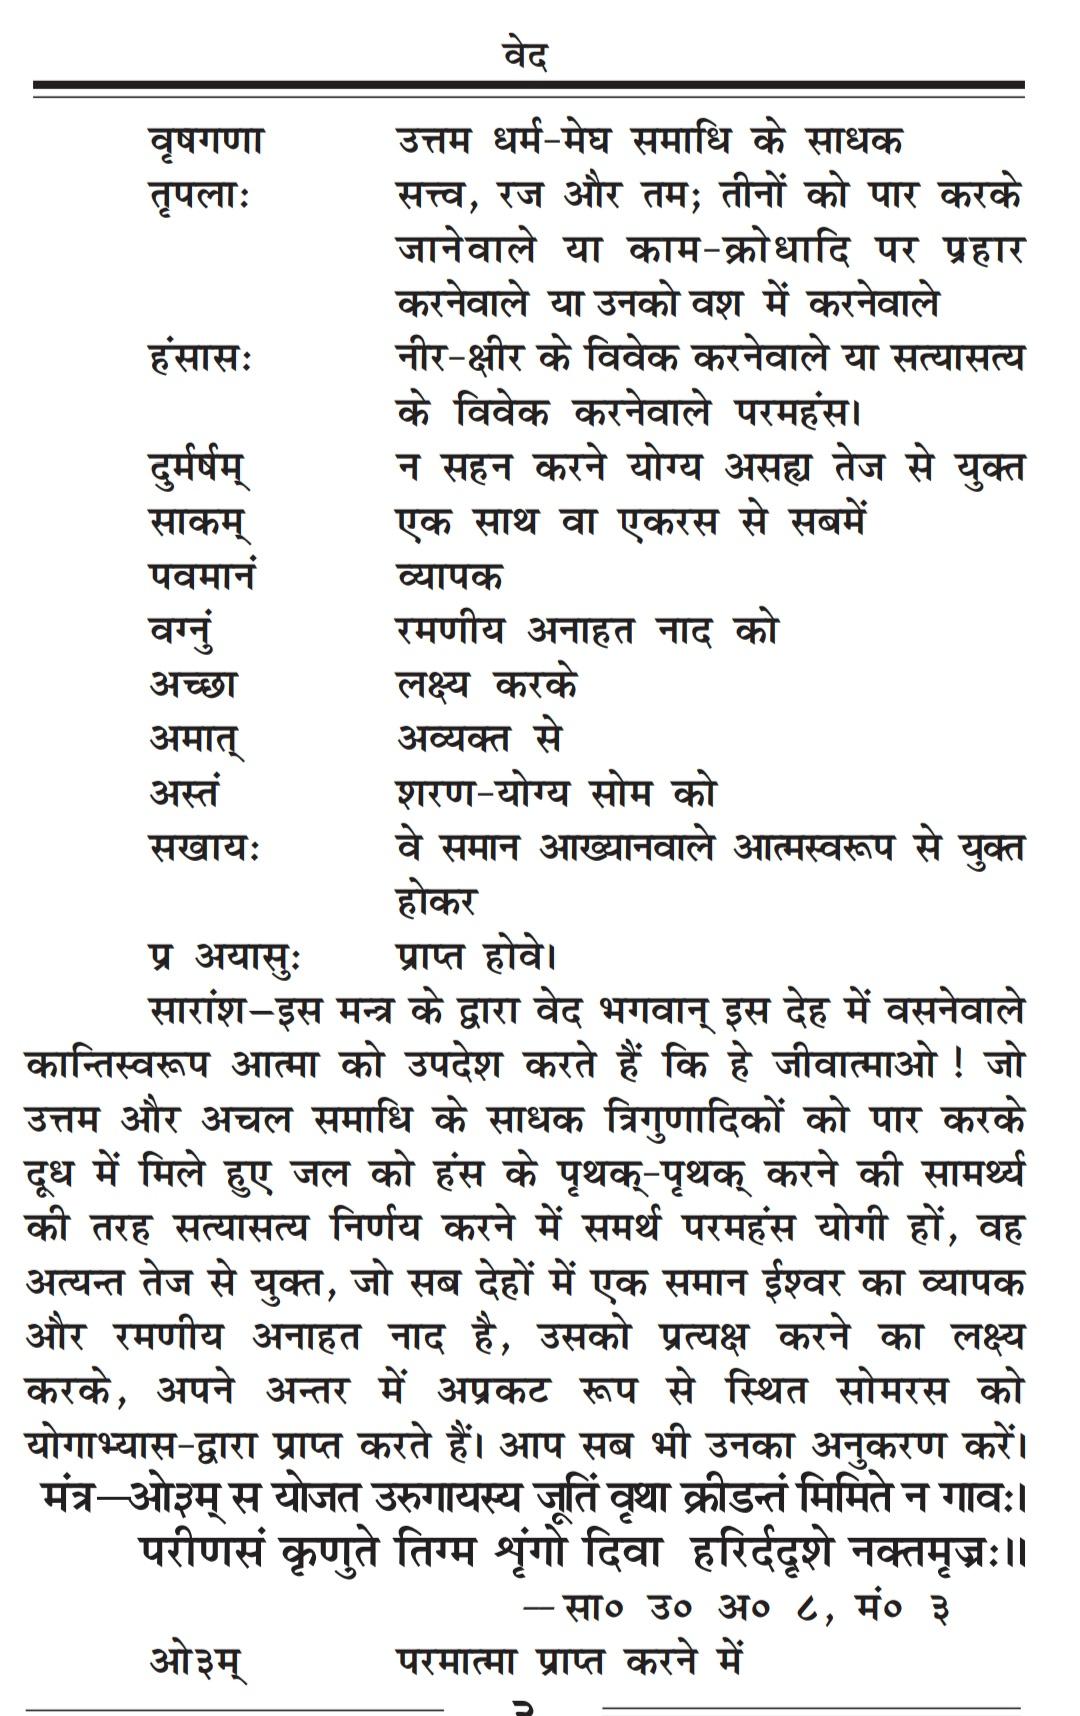 सत्संग योग पृष्ठ 3